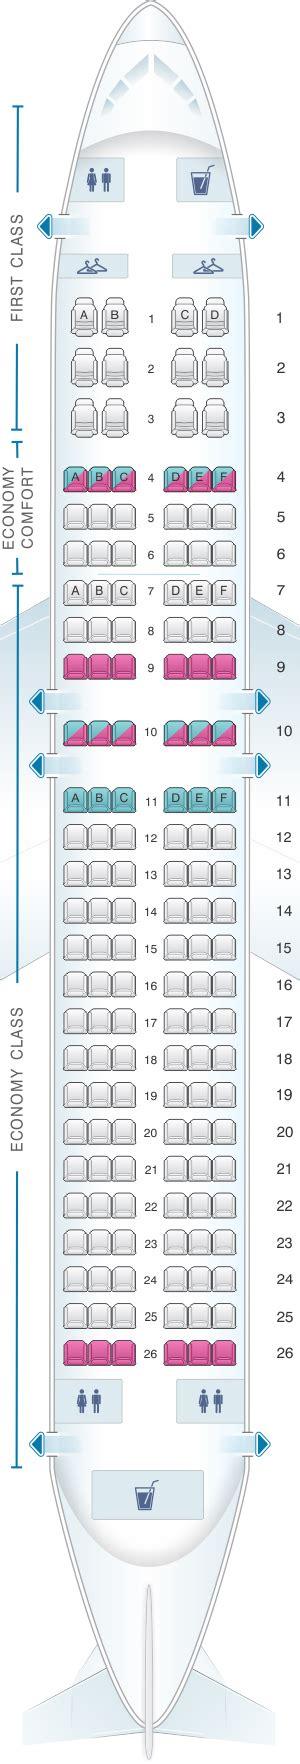 plan des sieges airbus a320 plan de cabine delta airlines airbus a320 200 320 32r